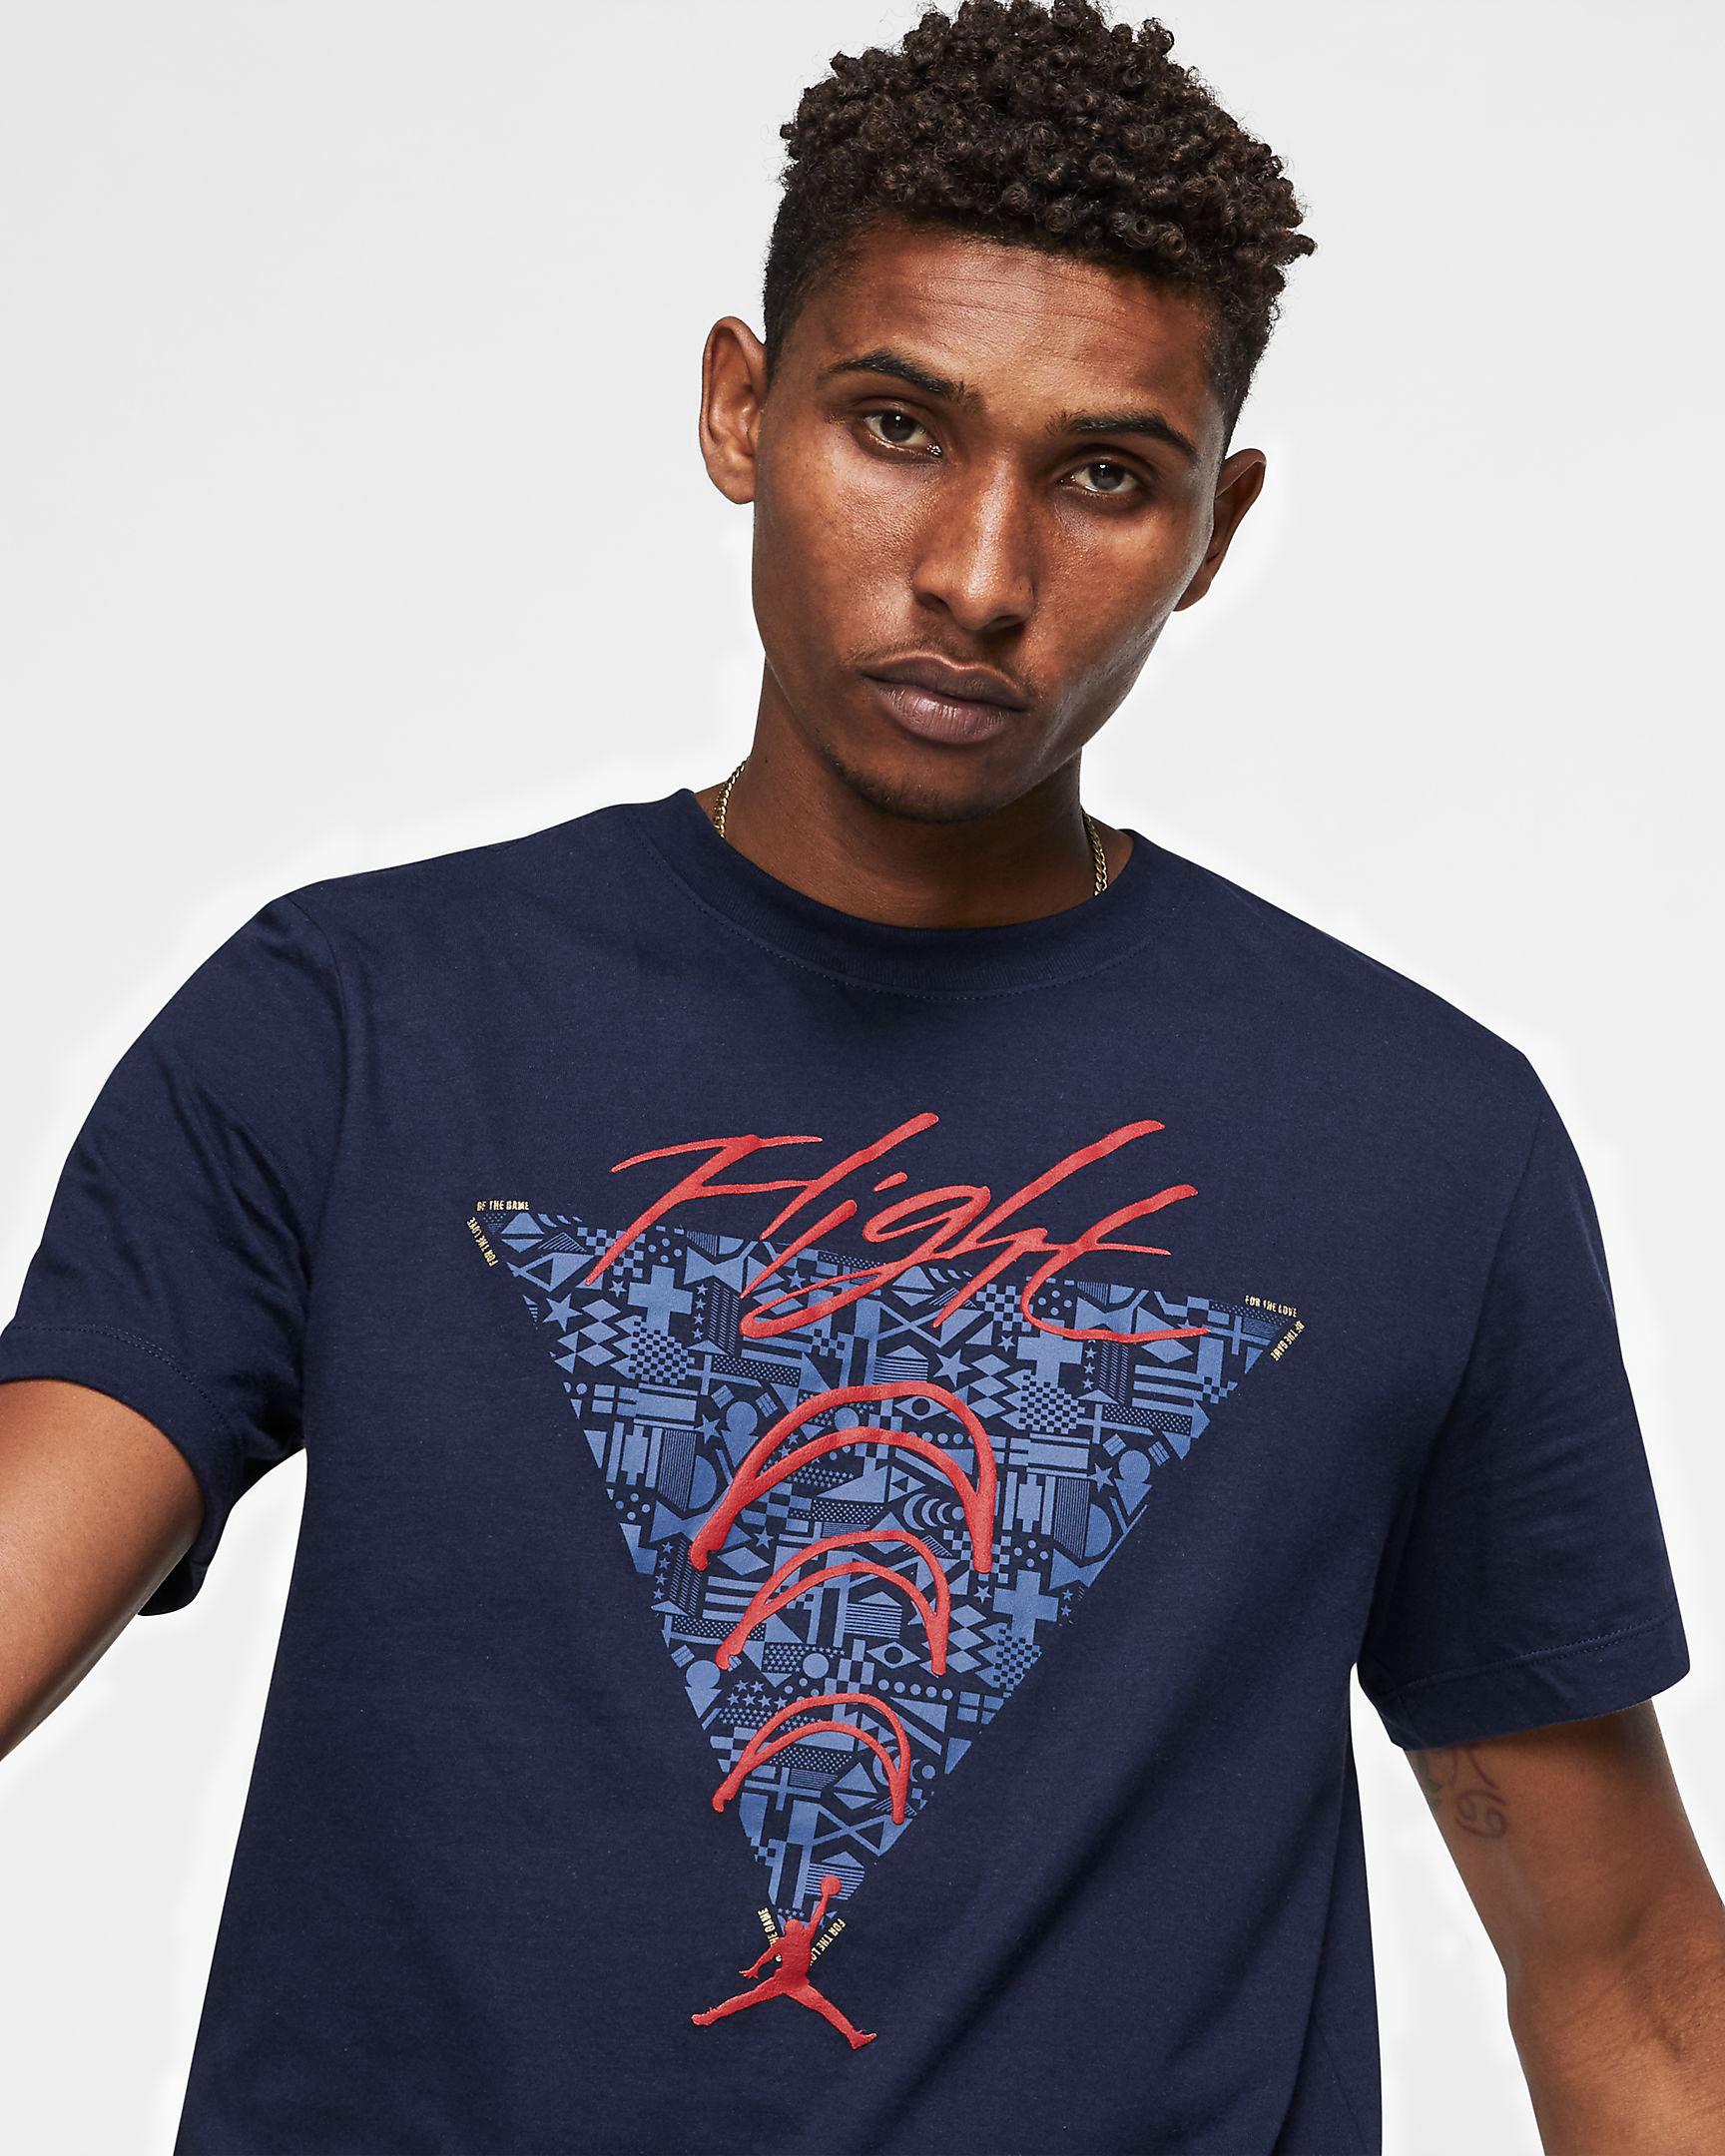 fiba-jordan-4-tee-shirt-1